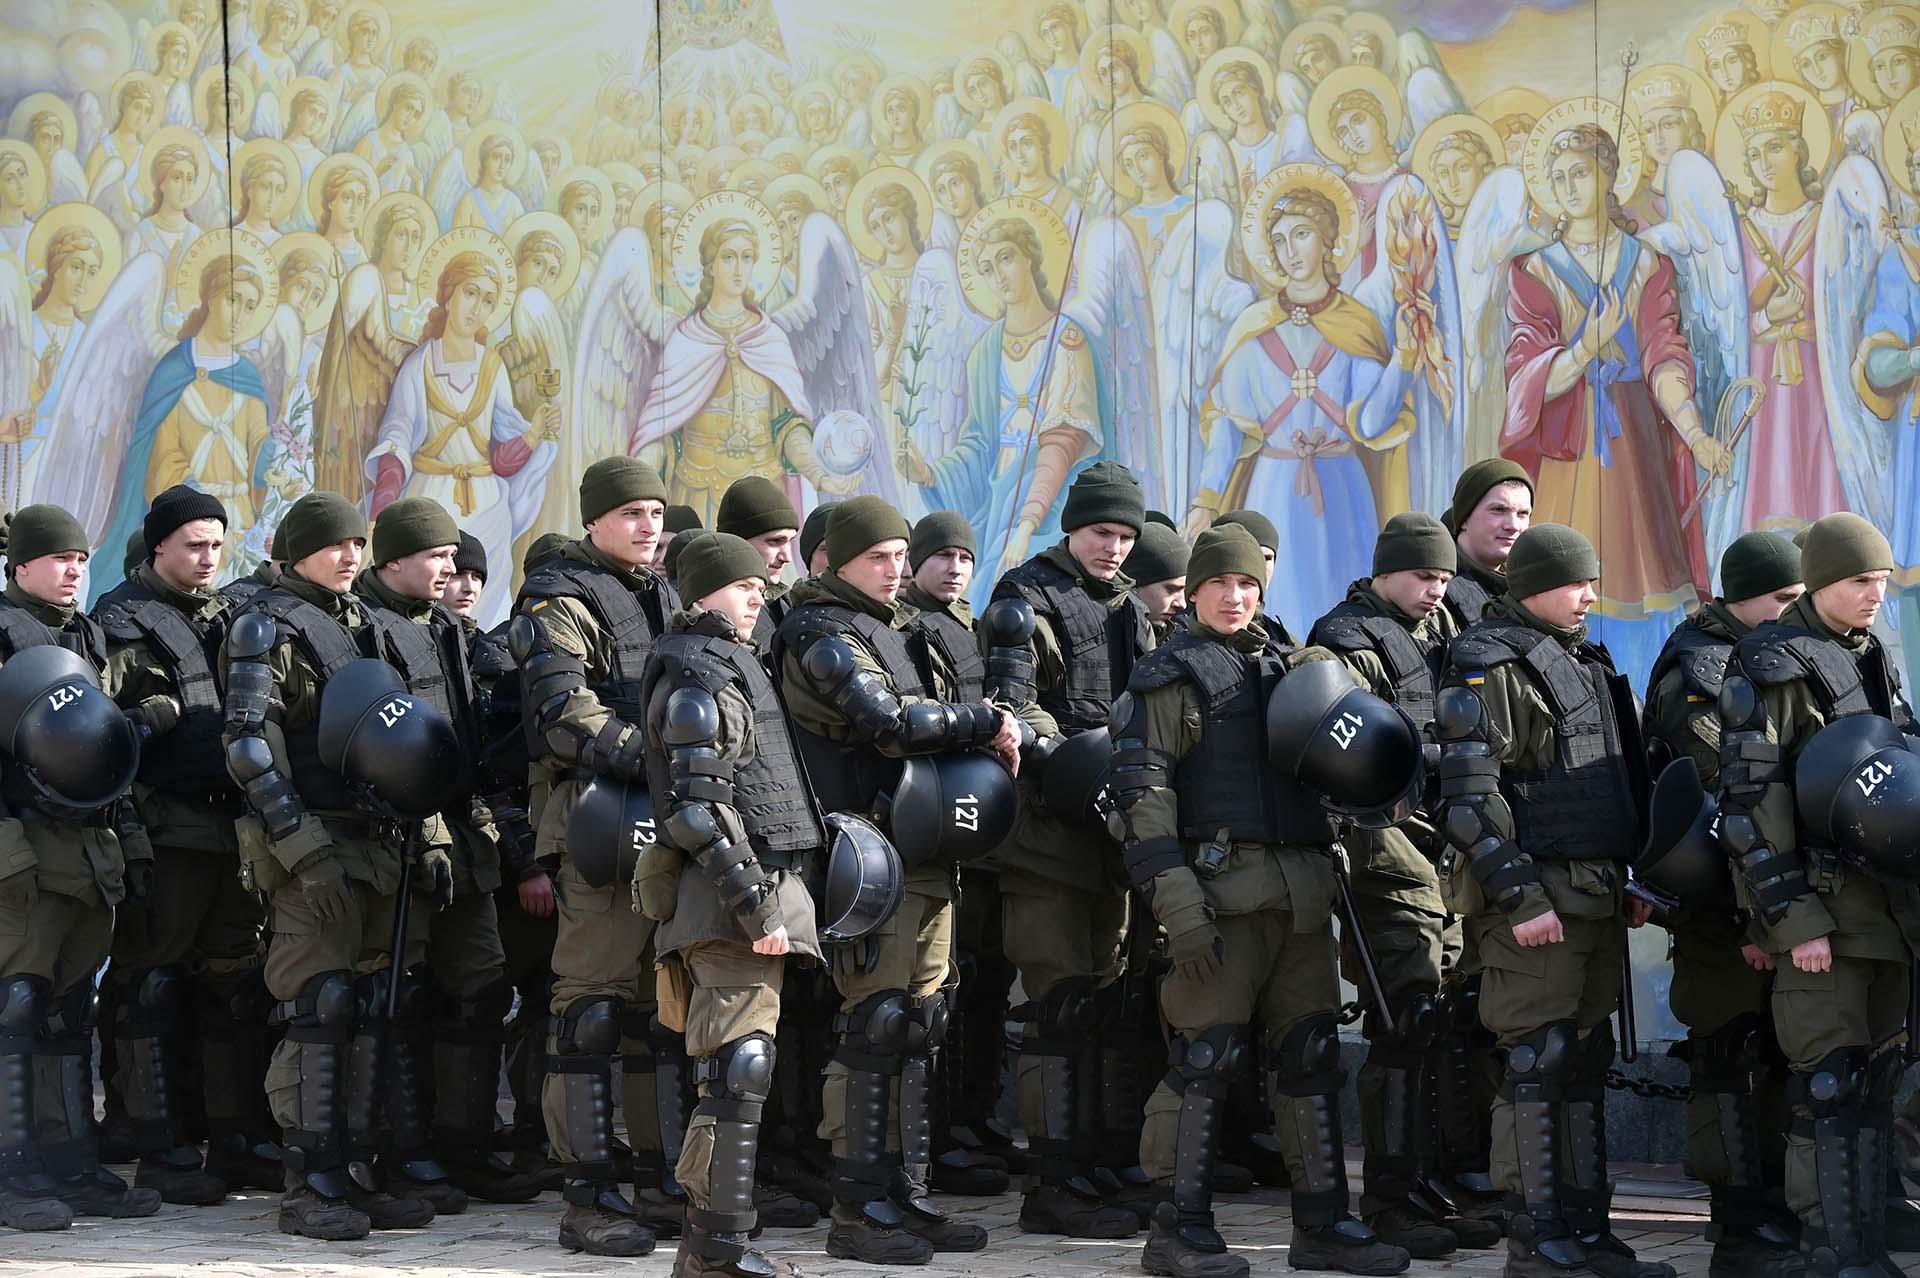 En Kiev, Ucrania, la policía se preparaante los frescos de lacatedral ante la movilización convocada por la organización Insight LGBTQI por el Día Internacional de las Mujeres(Photo by Sergei SUPINSKY / AFP)